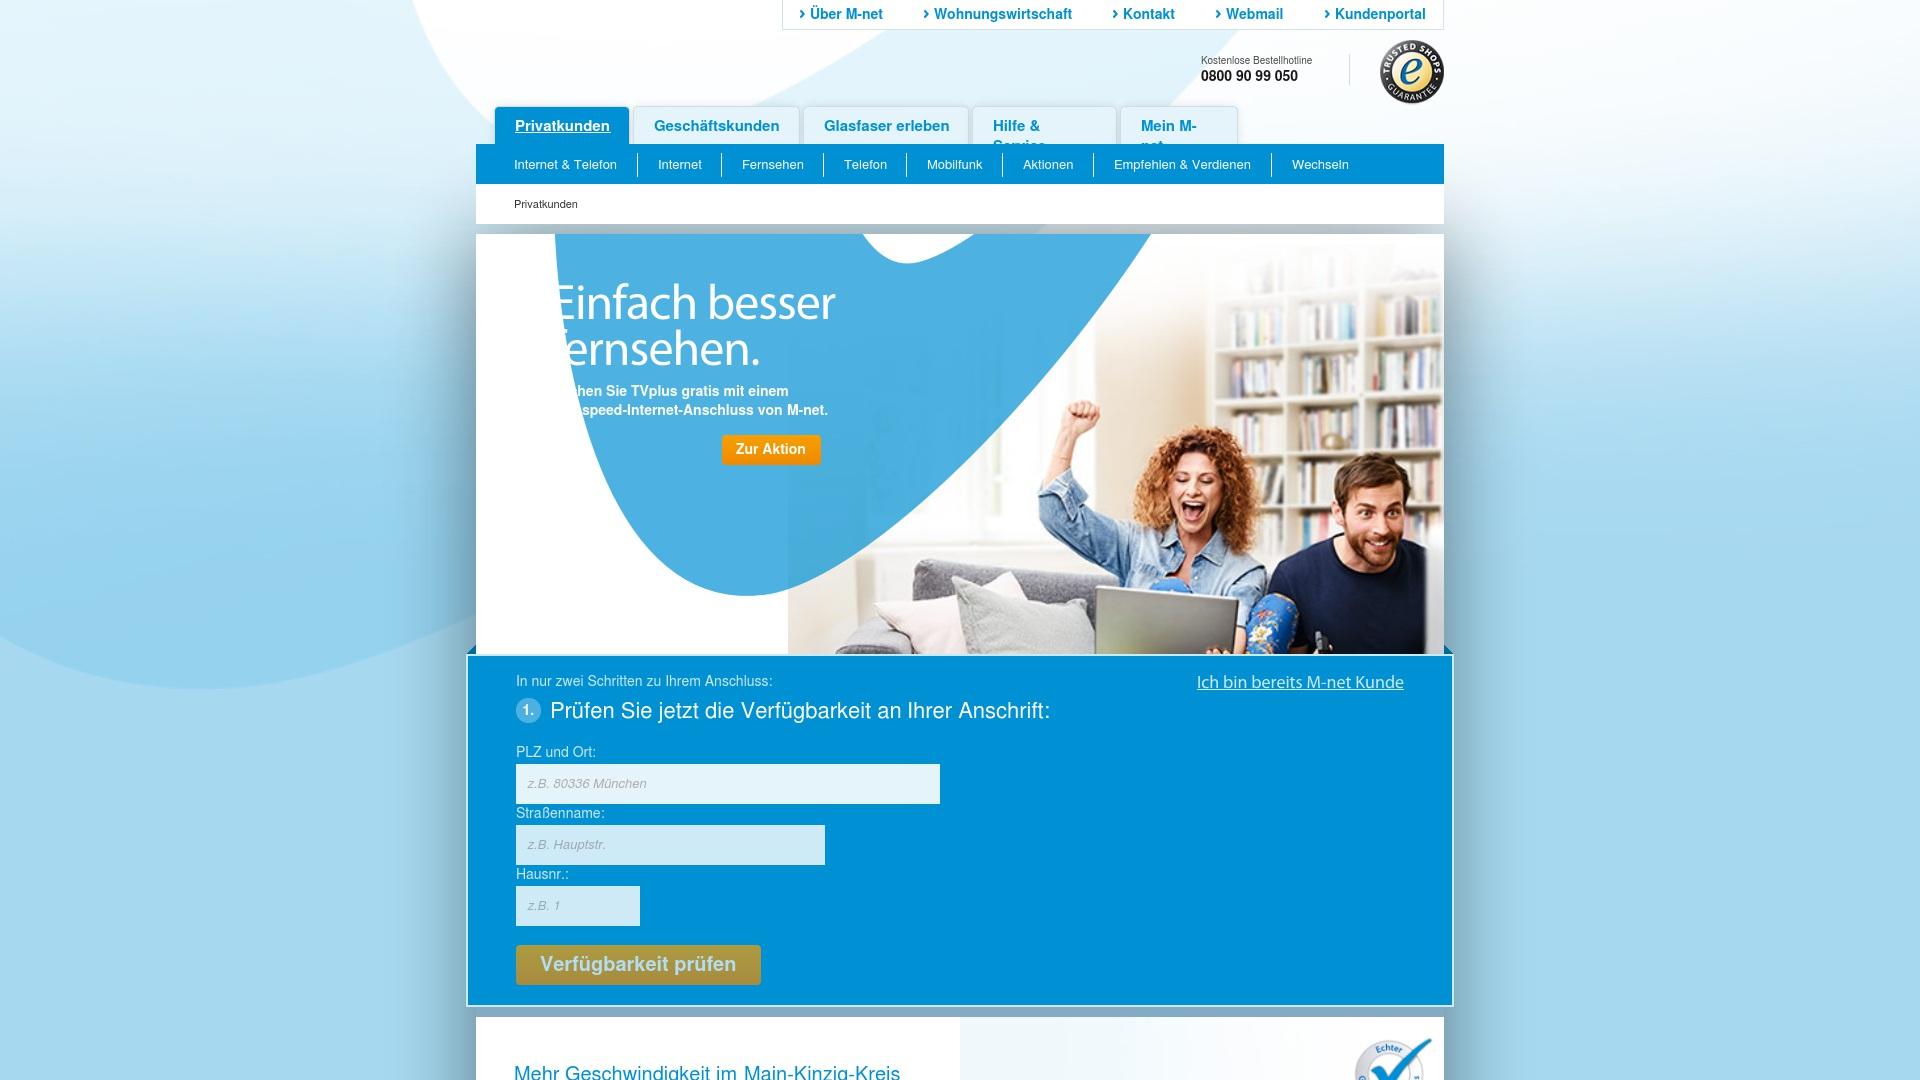 Gutschein für M-net: Rabatte für  M-net sichern